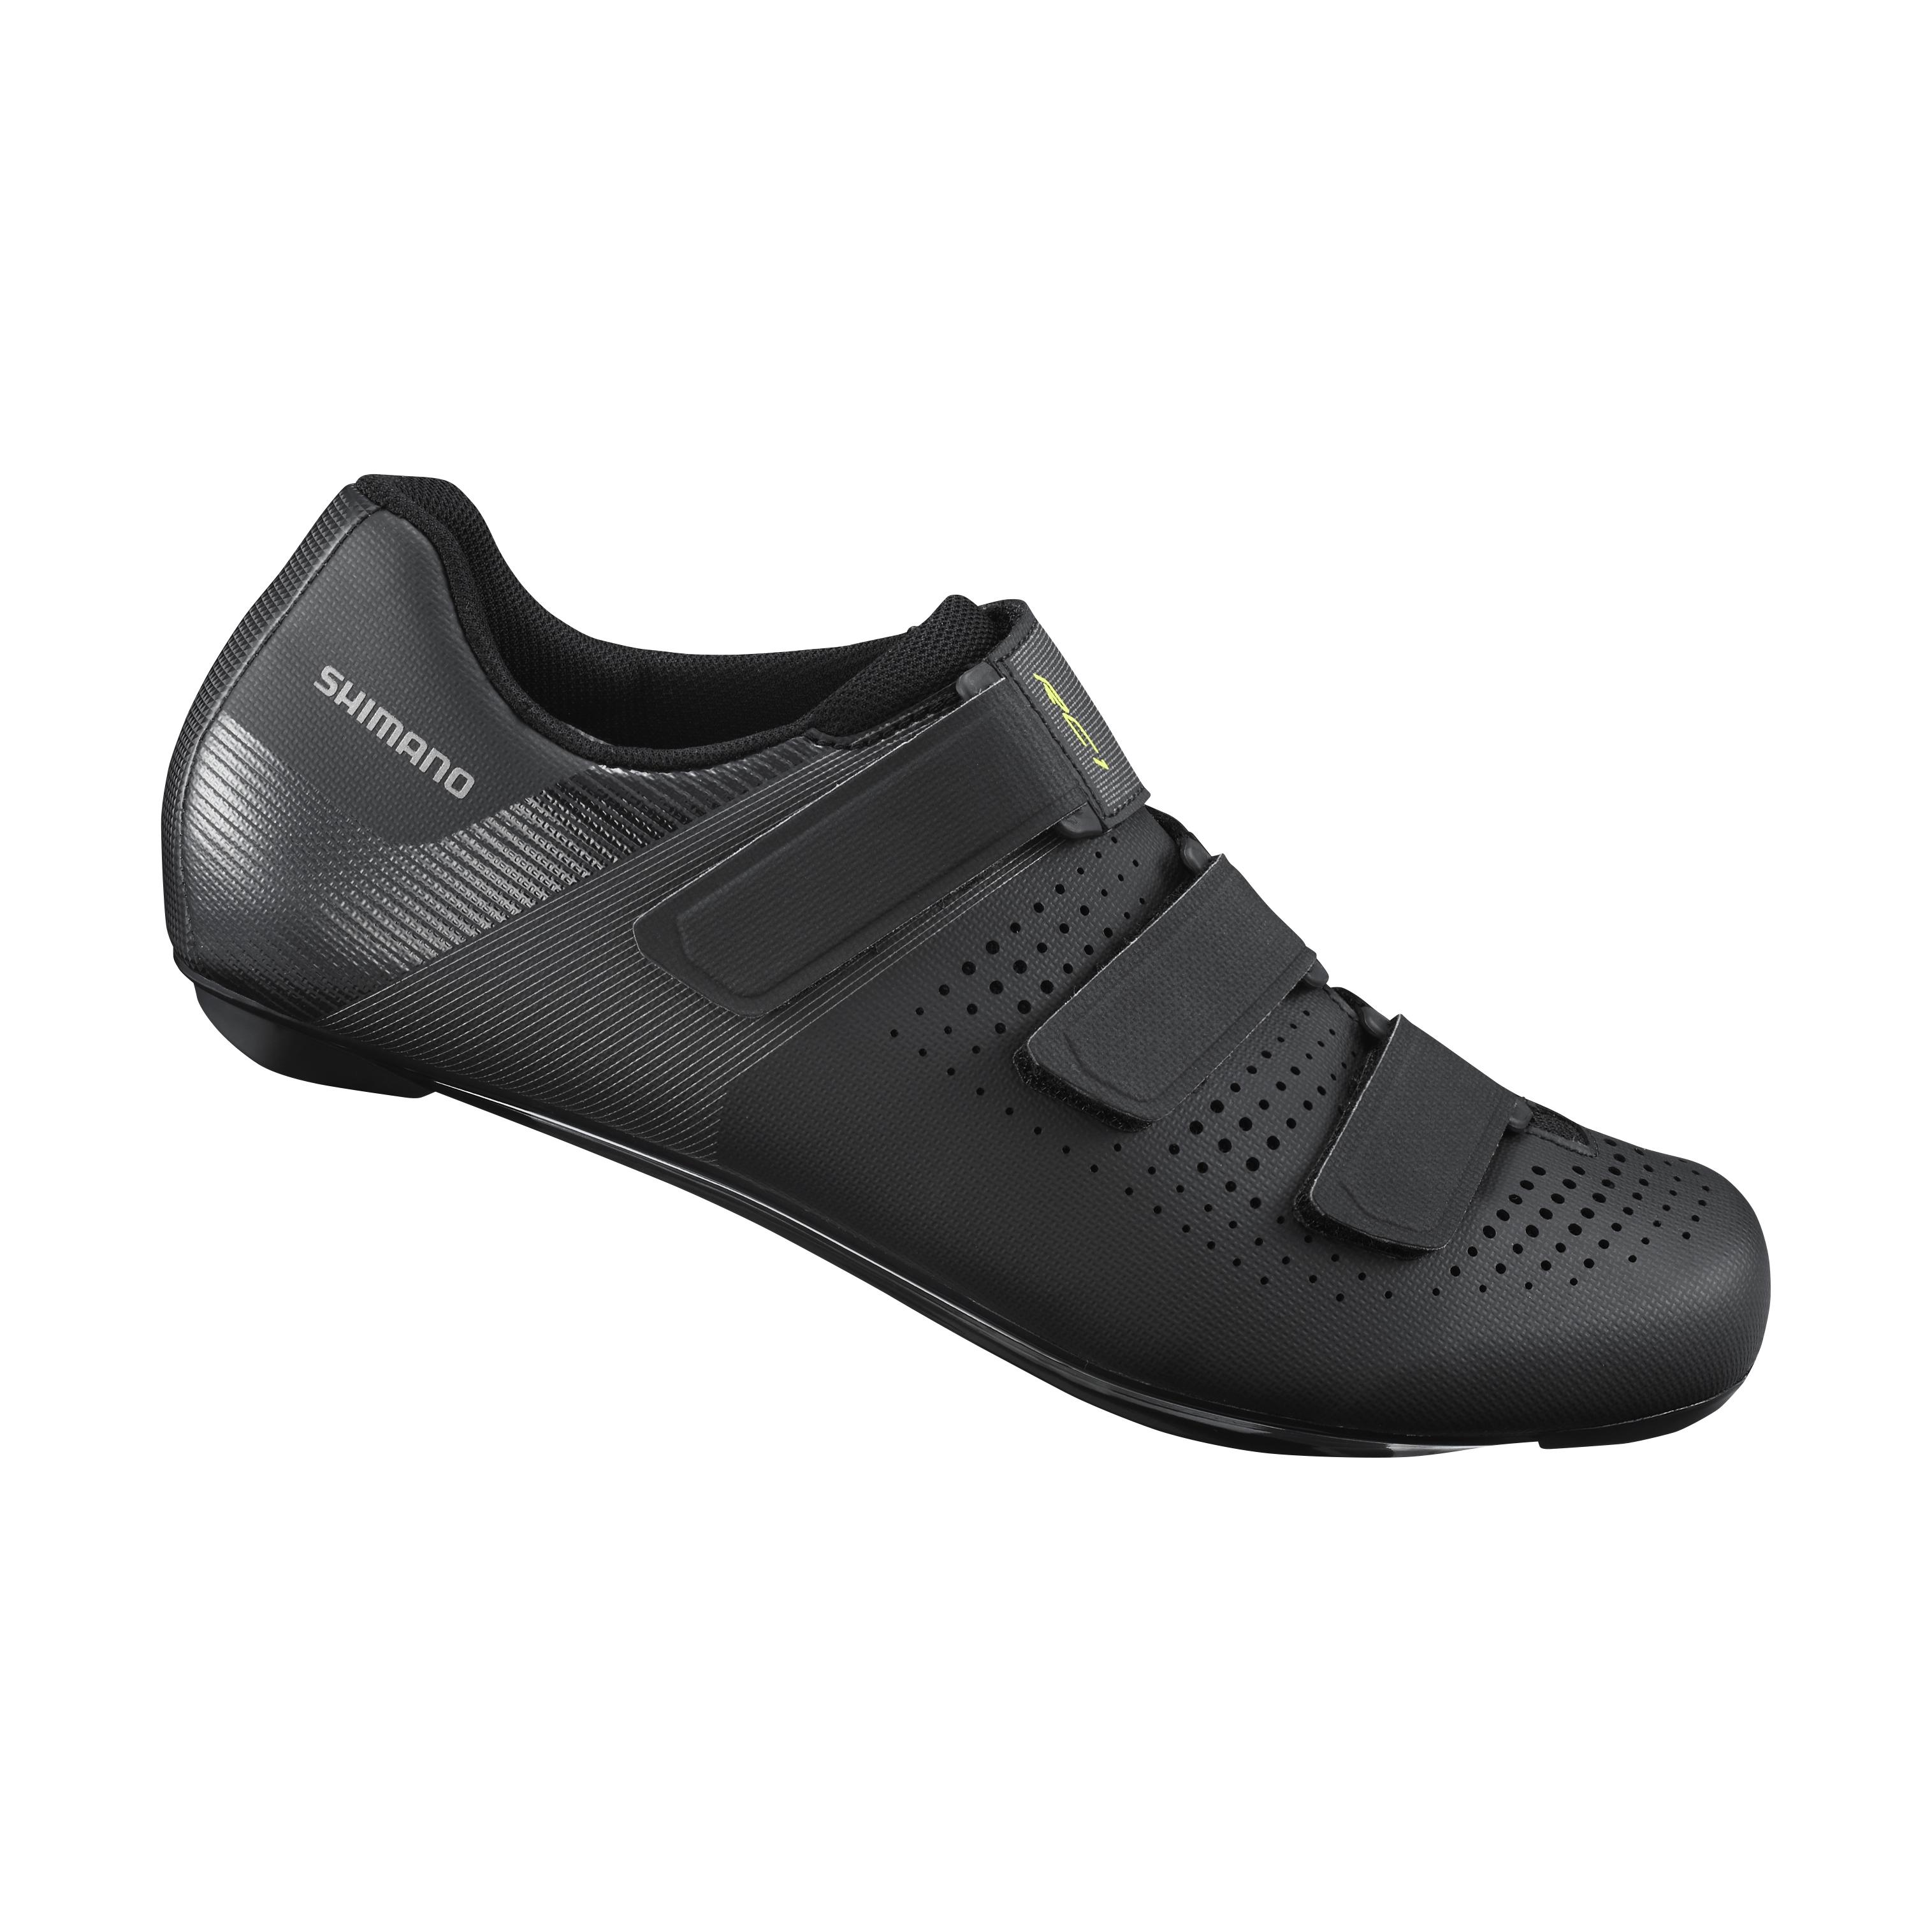 SHIMANO silniční obuv SH-RC100ML, černá, 41